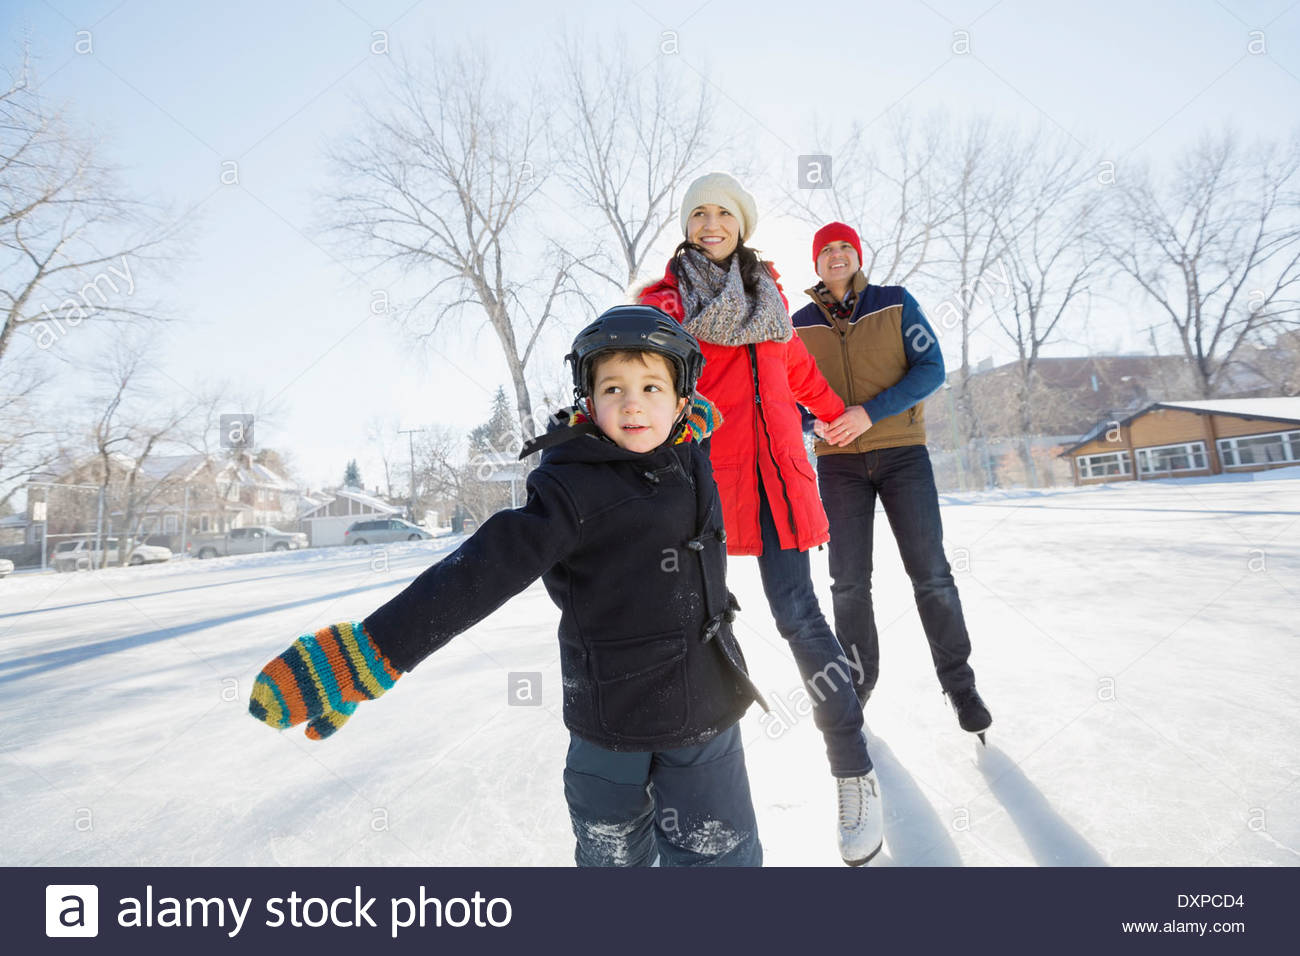 Ragazzo del pattinaggio su ghiaccio con i genitori sulla pista di pattinaggio all'aperto Immagini Stock